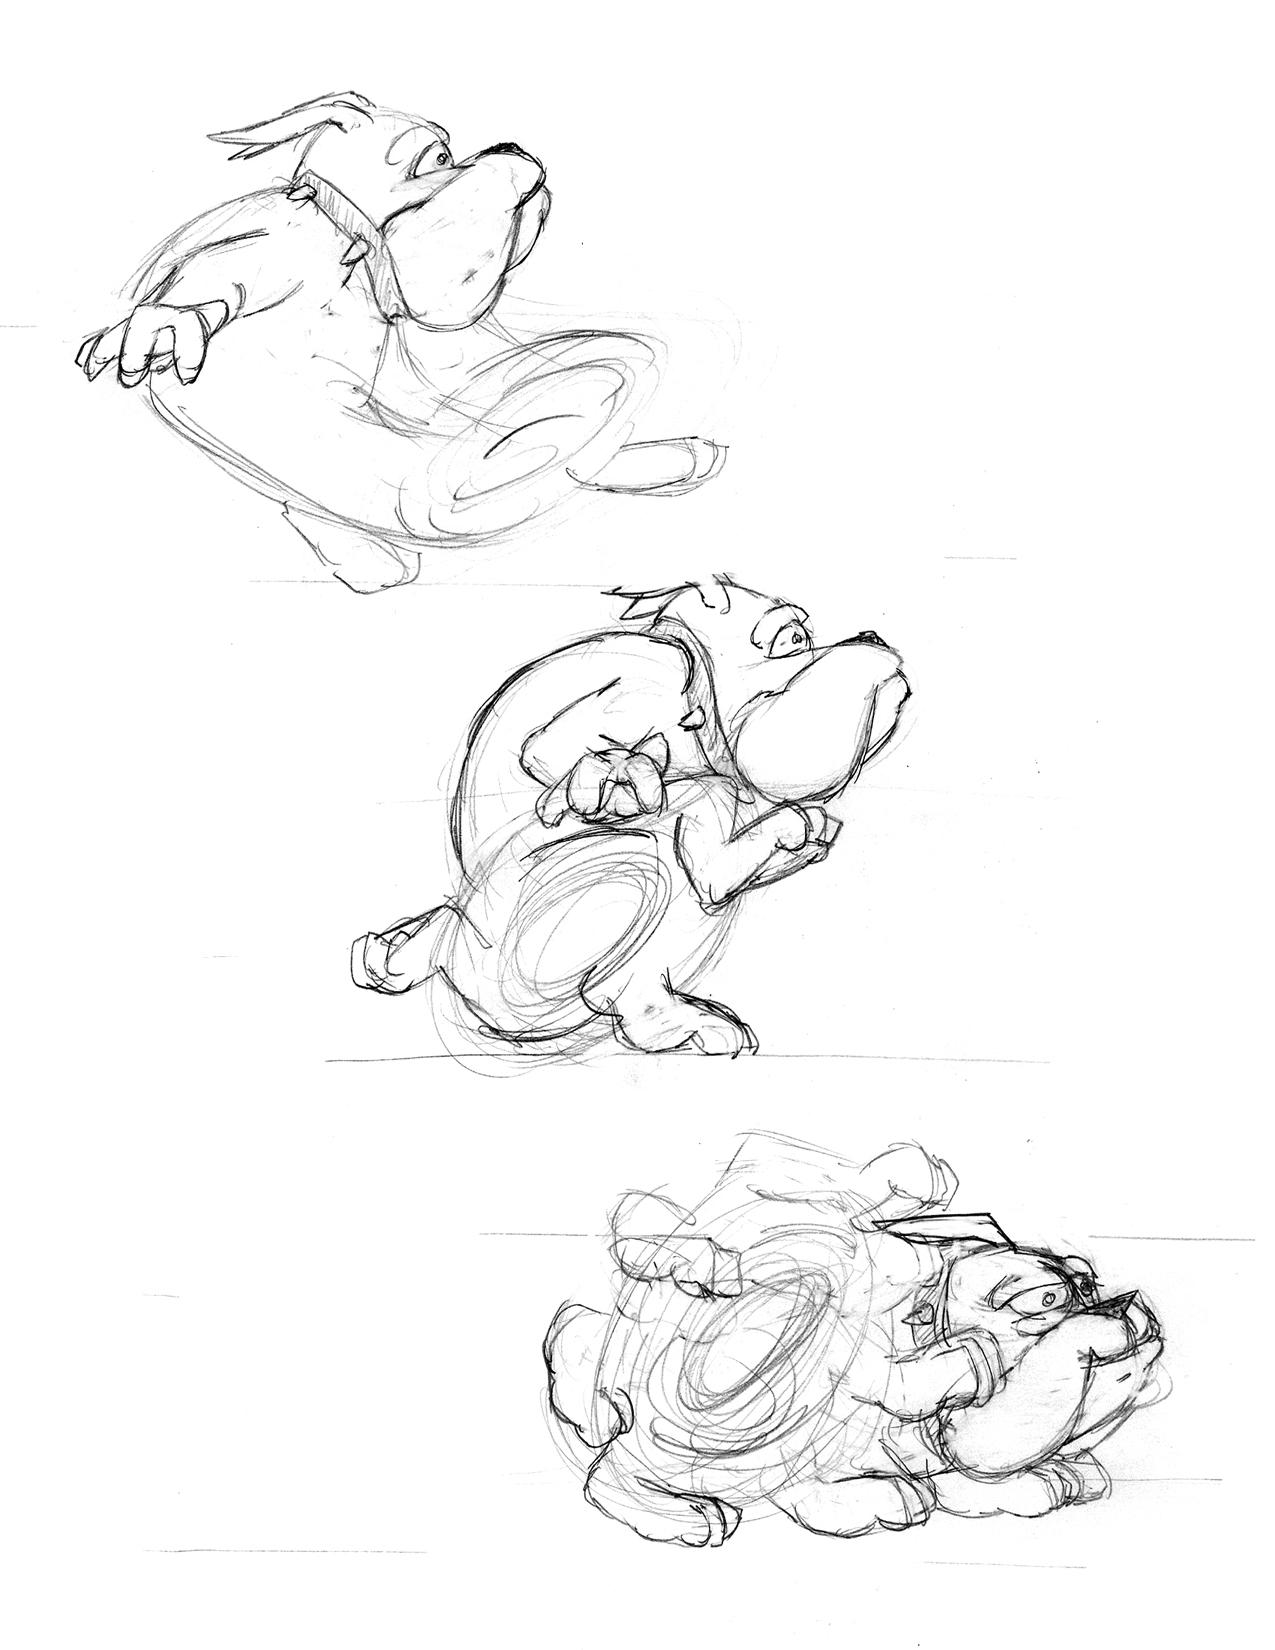 sketch_dawg2.jpg